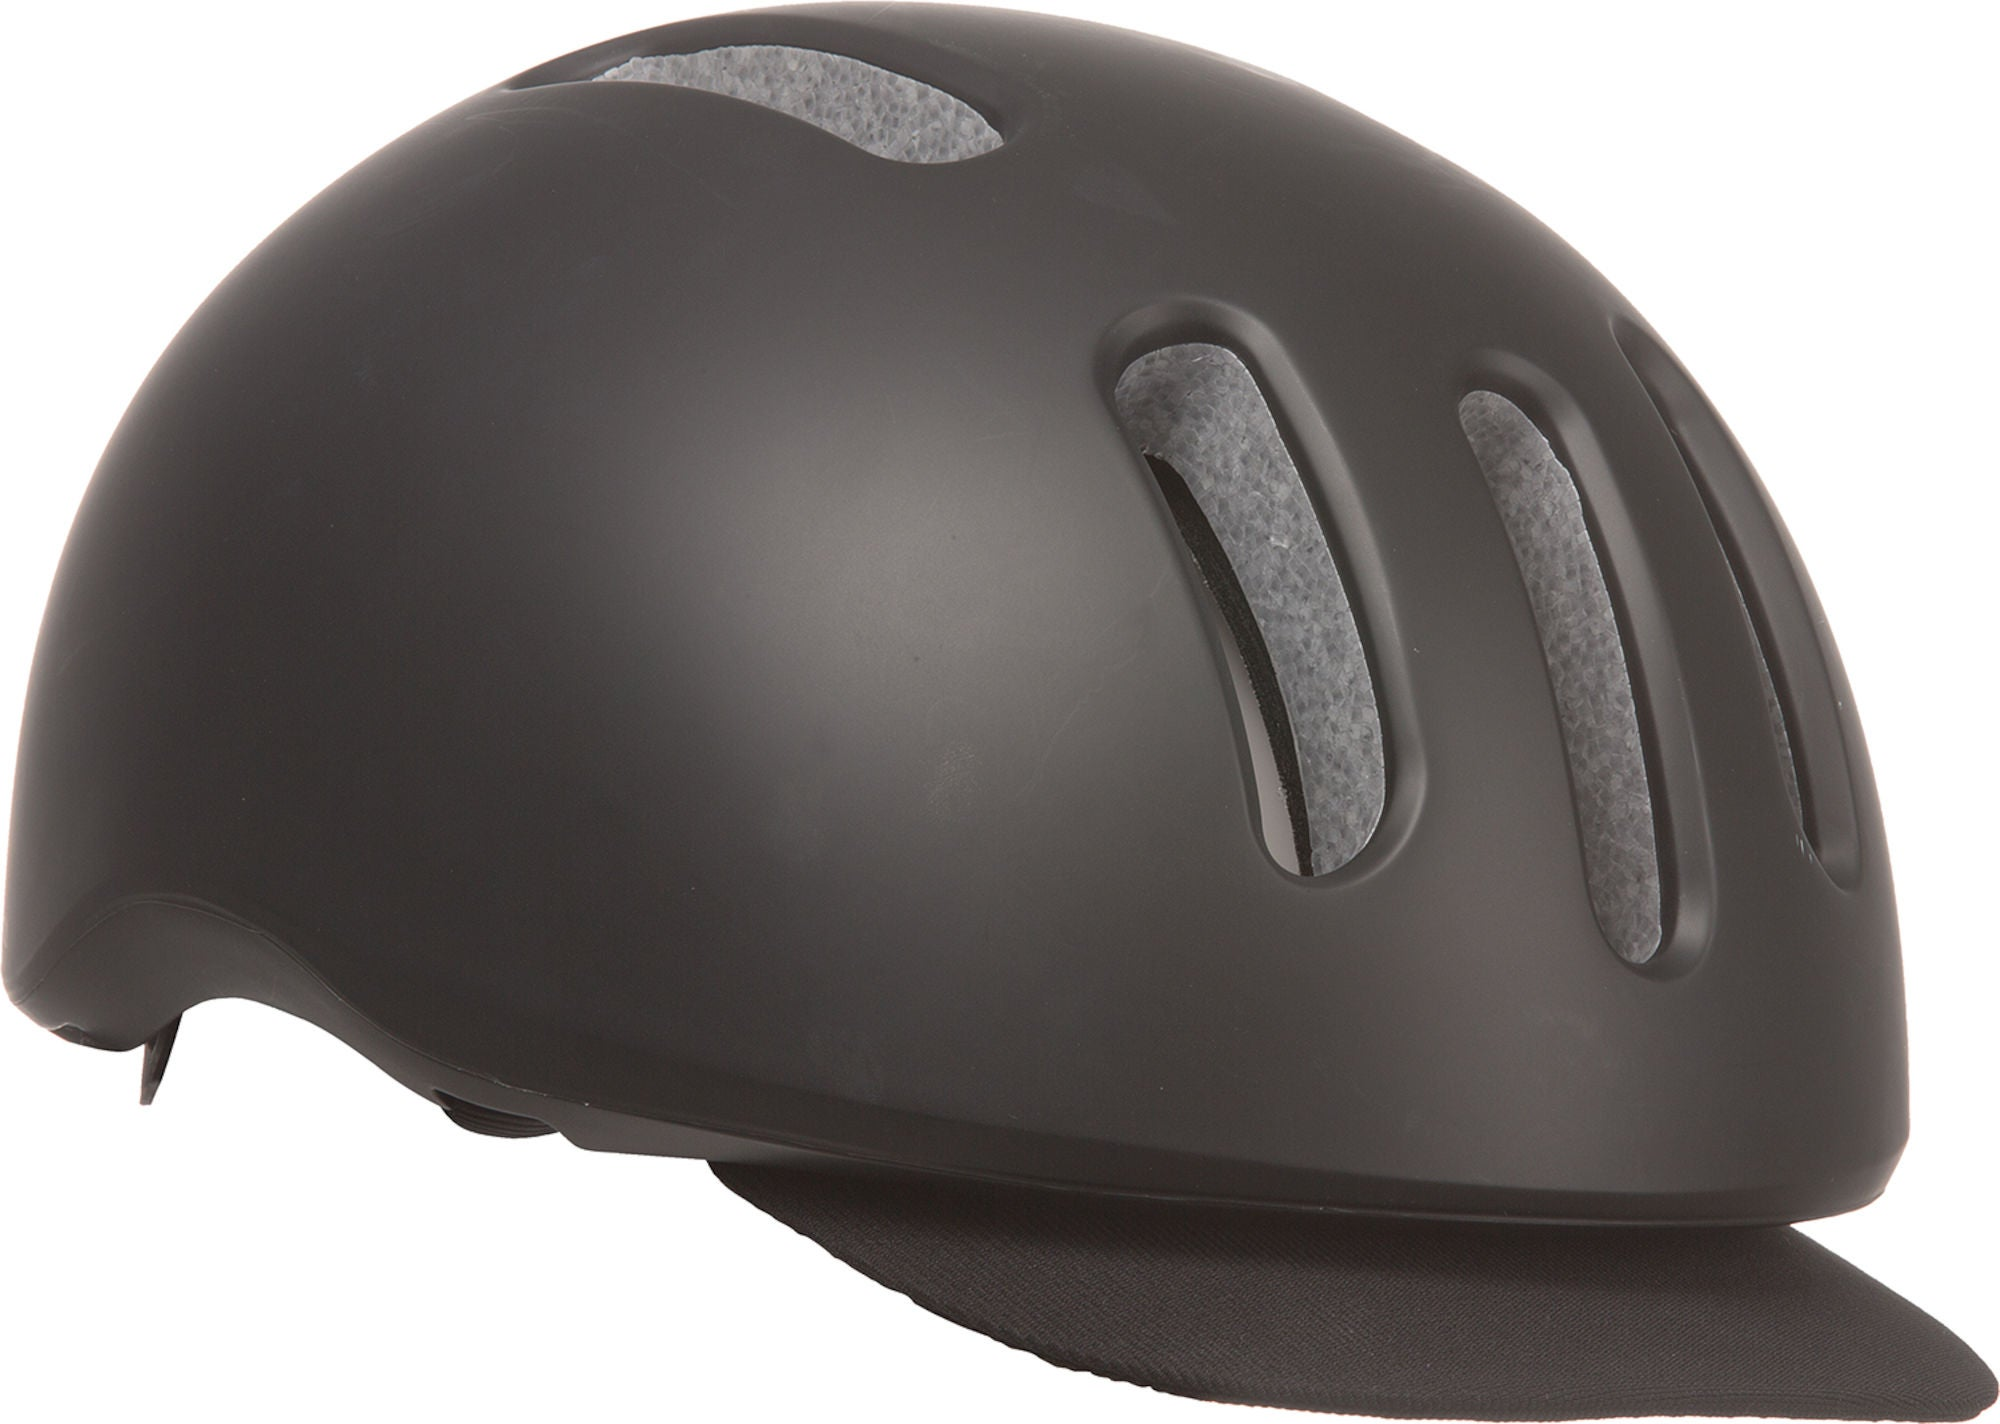 Spectra Cykelhjelm Equus 54-58 cm, Sort | Helmets